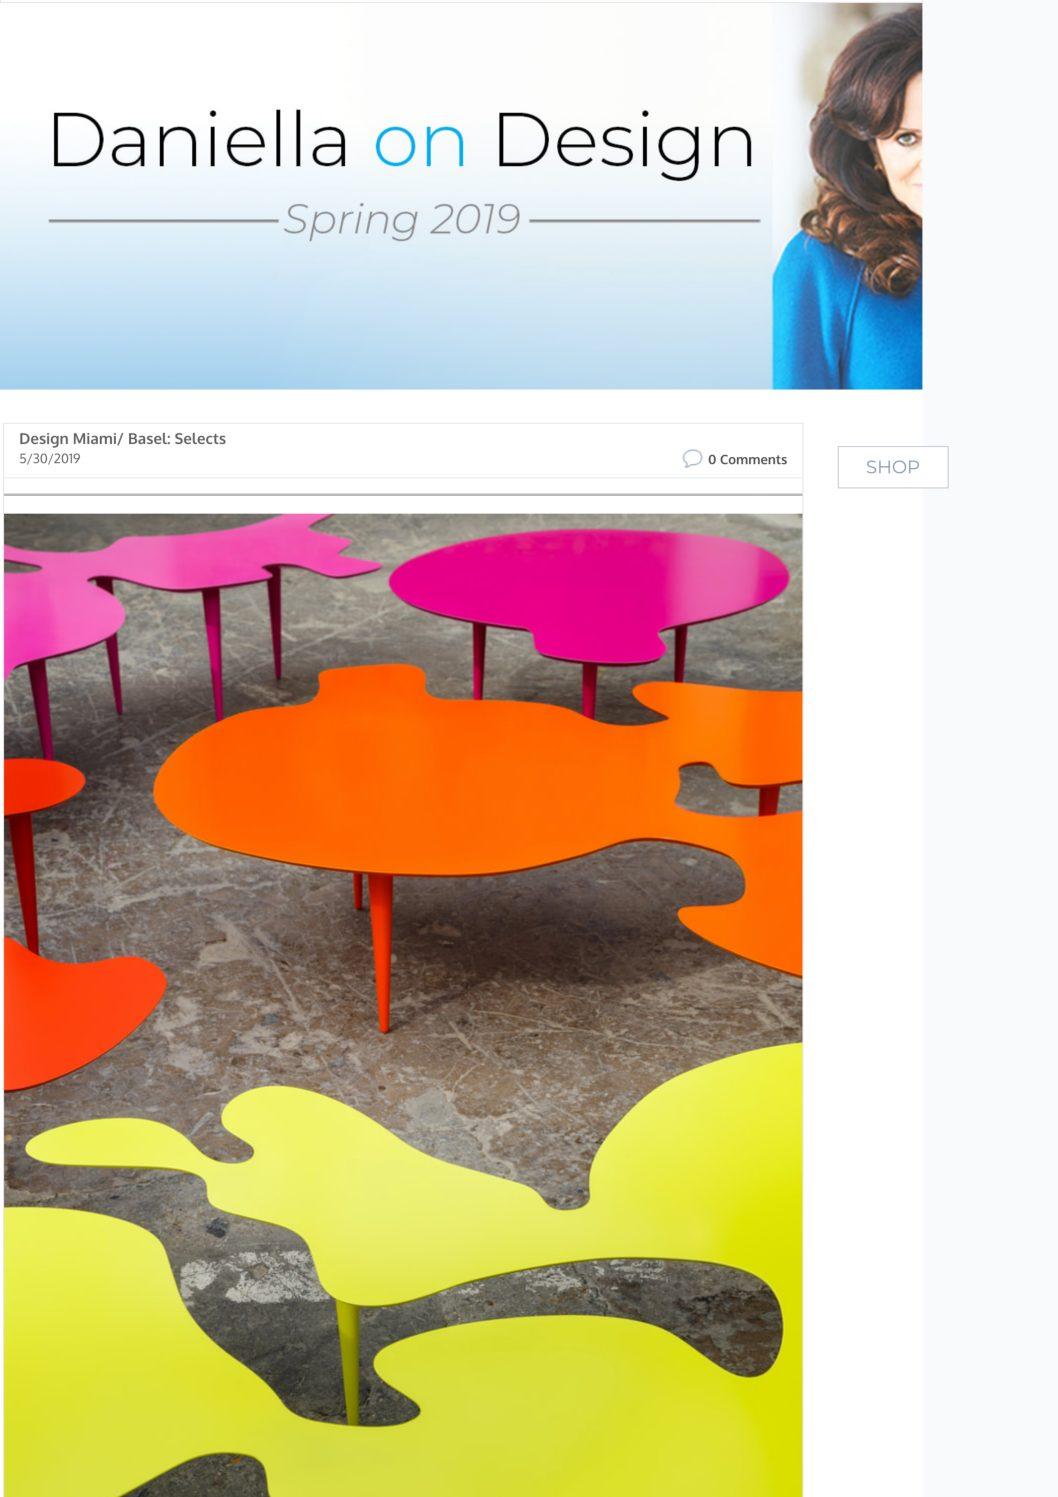 Daniella on Design – Design Miami/ Basel 2019